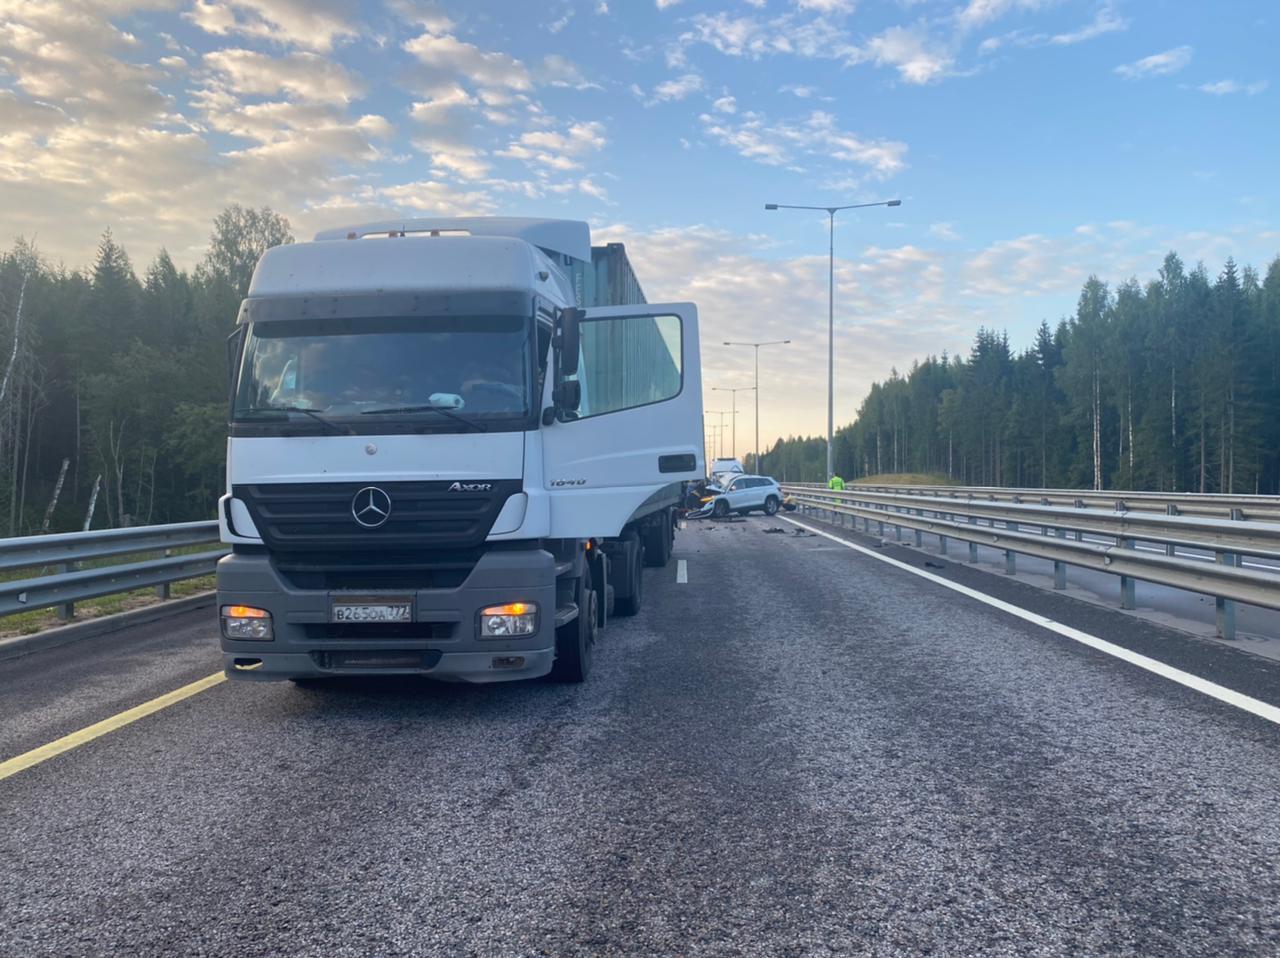 В Тверской области погиб пассажир «Шкоды», которая врезалась в фуру